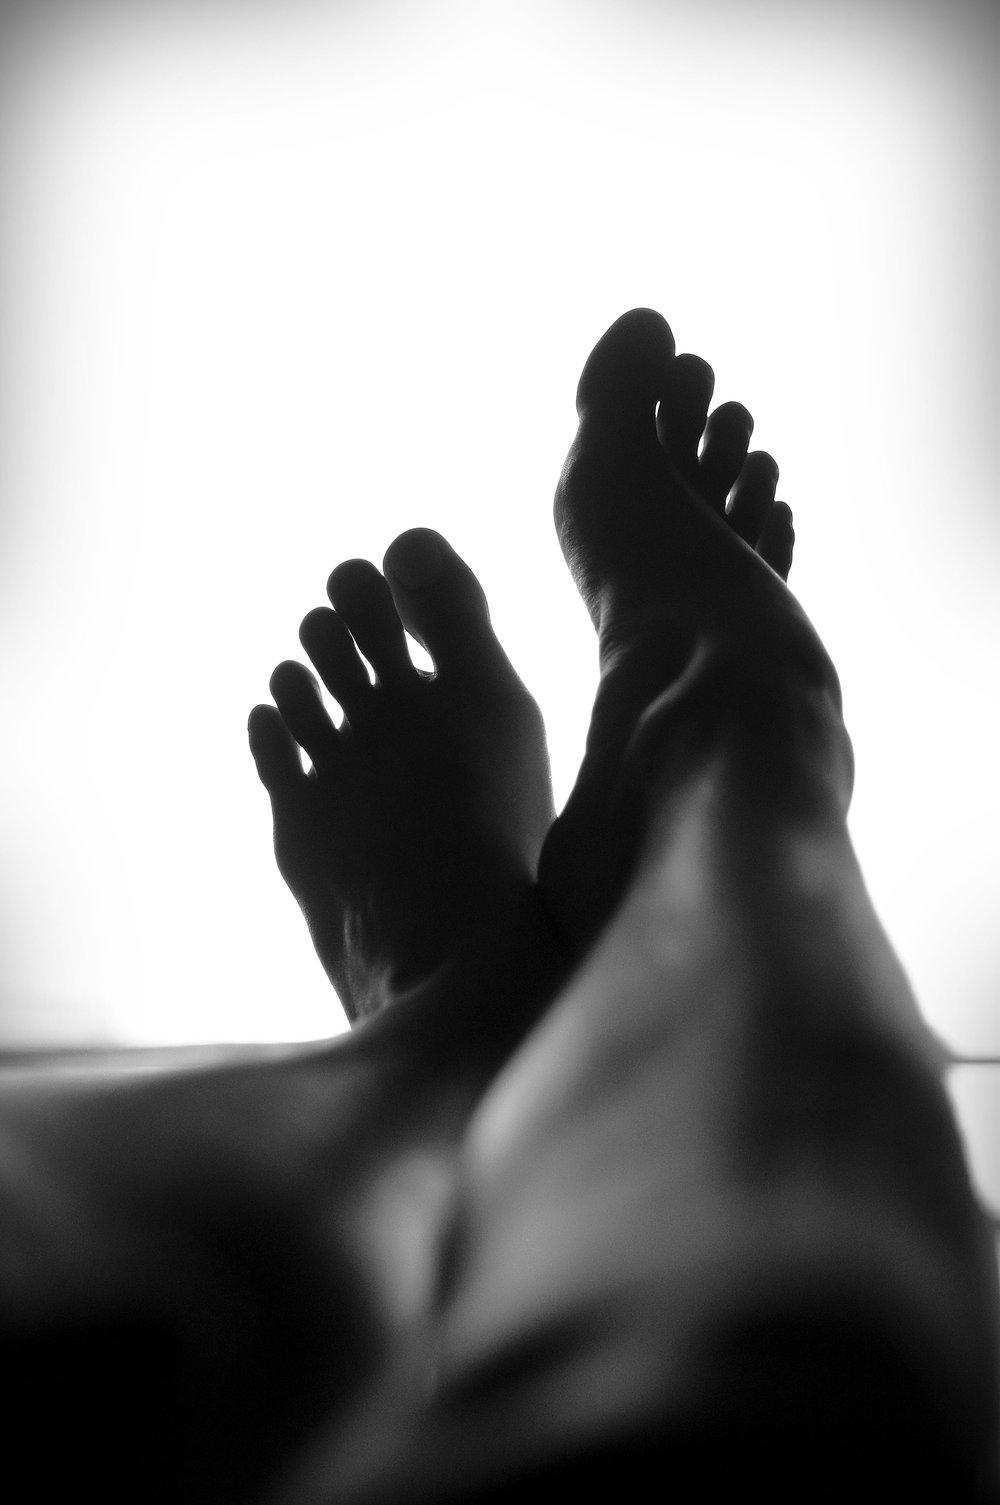 Réflexologie Thaïlandaise Plantaire - La Réflexologie Thailandaise Plantaire est une méthode ancestrale de plus de 5000 ans. Il faut savoir que nos pieds sont le miroir de notre corps. En effet, les zones réflexes situées dans la plante des pieds correspondent aux organes du corps. Les mouvements, pressions et lissages s'effectuent sur les points énergétiques ainsi que sur les méridiens d'acupuncture, des pieds jusqu'aux genoux, afin de libérer les tensions et de dénouer les organes bloqués.Une séance de réflexologie thaïlandaise se déroule par des manipulations à même le pied avec un baume qui relance la circulation sanguine, puis à travers une serviette dans laquelle le pieds est soigneusement enroulé et enfin avec un stylet en bois pour détendre plus précisément les points réflexes.- Revitalise tout l'organisme.- Efface les tensions.- Permet d'évacuer le stress.- Procure un bienfait profond.- Redonne aux jambes cette agréable sensation de légèreté.Tarifs :30 min - 45€1h00 - 75€RESERVER